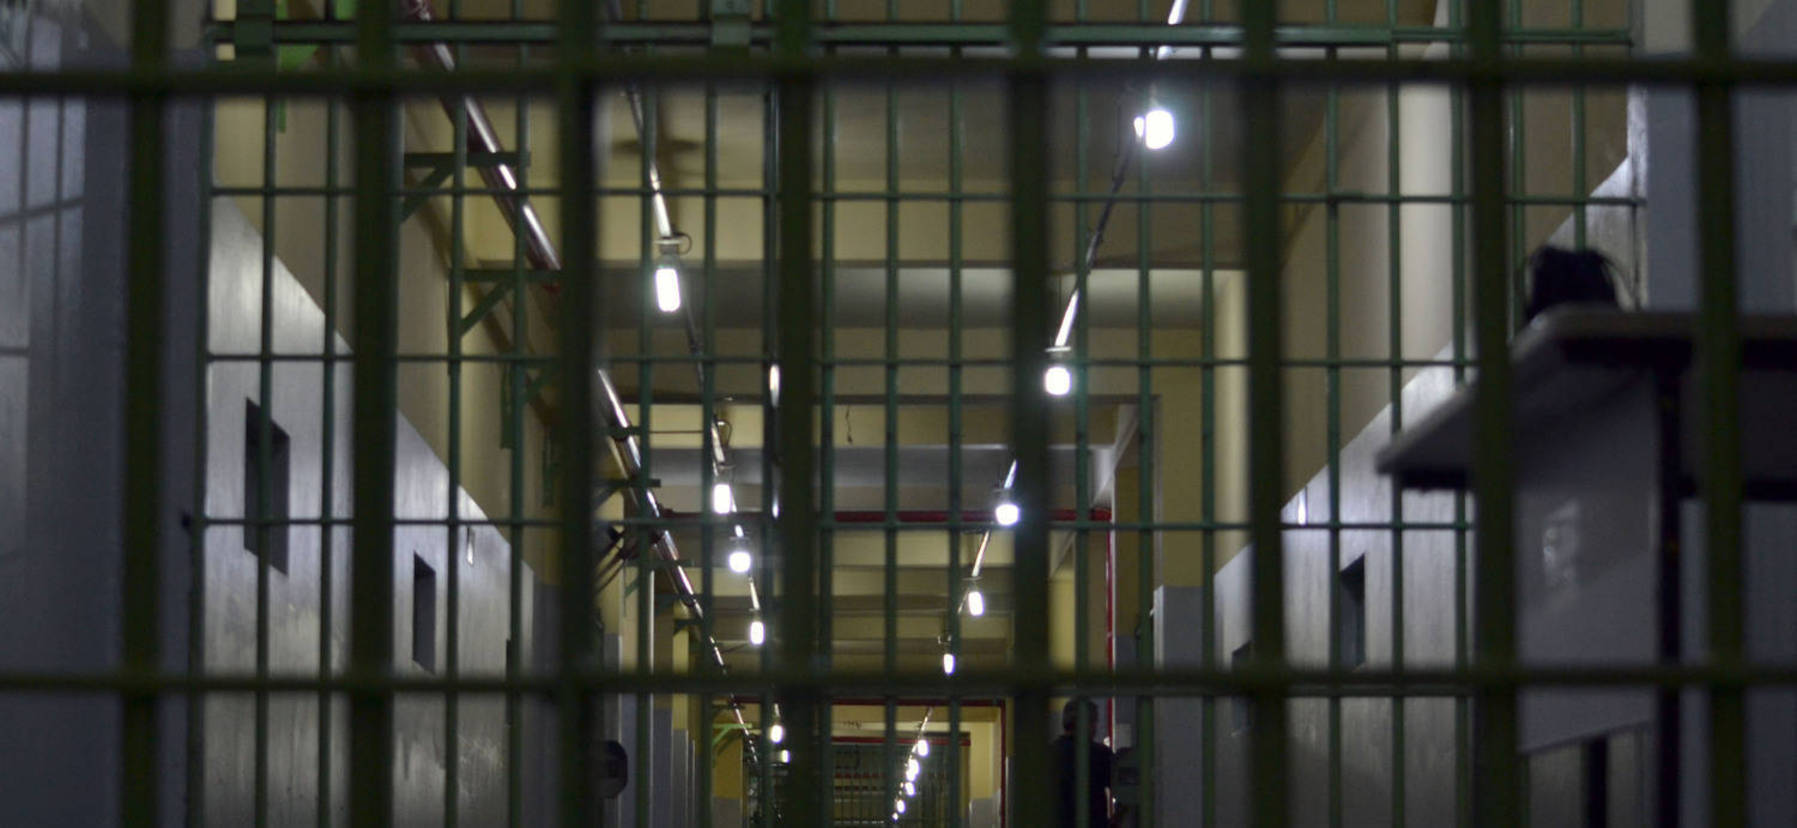 Na Penitenciária de Pirajuí, corredores separam os quatro pavilhões do regime fechado (Fabíola Perez / R7)